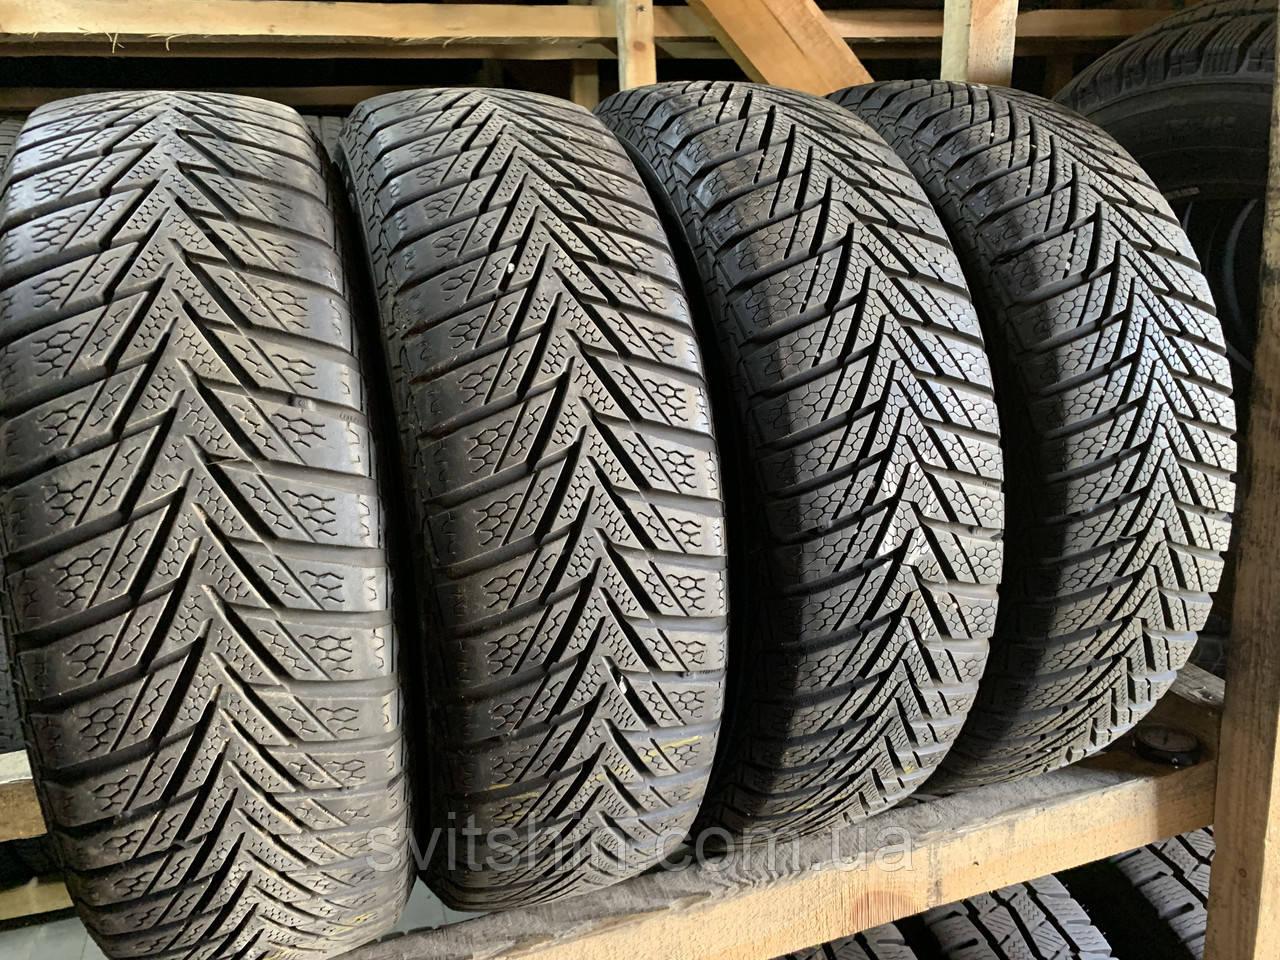 Зимові шини 185/70R14 Continental Winter TS800 6-7.5 мм R14 185x70